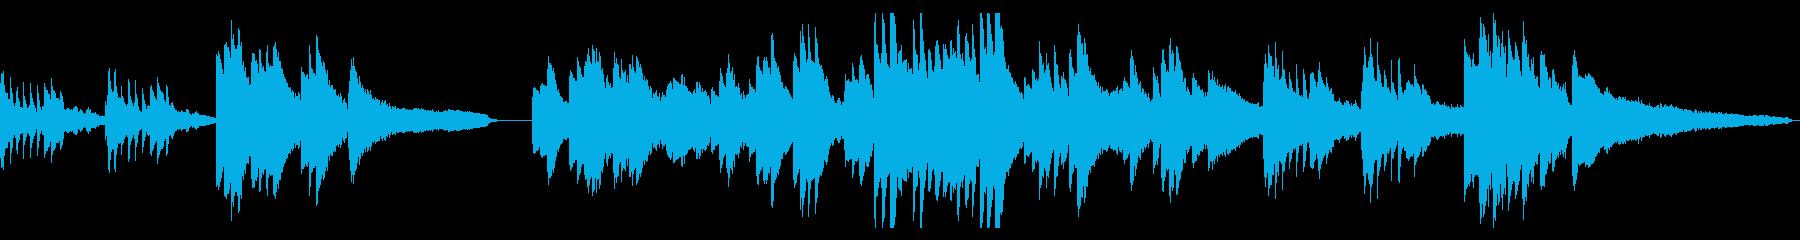 感動的で切ないピアノバラードの再生済みの波形